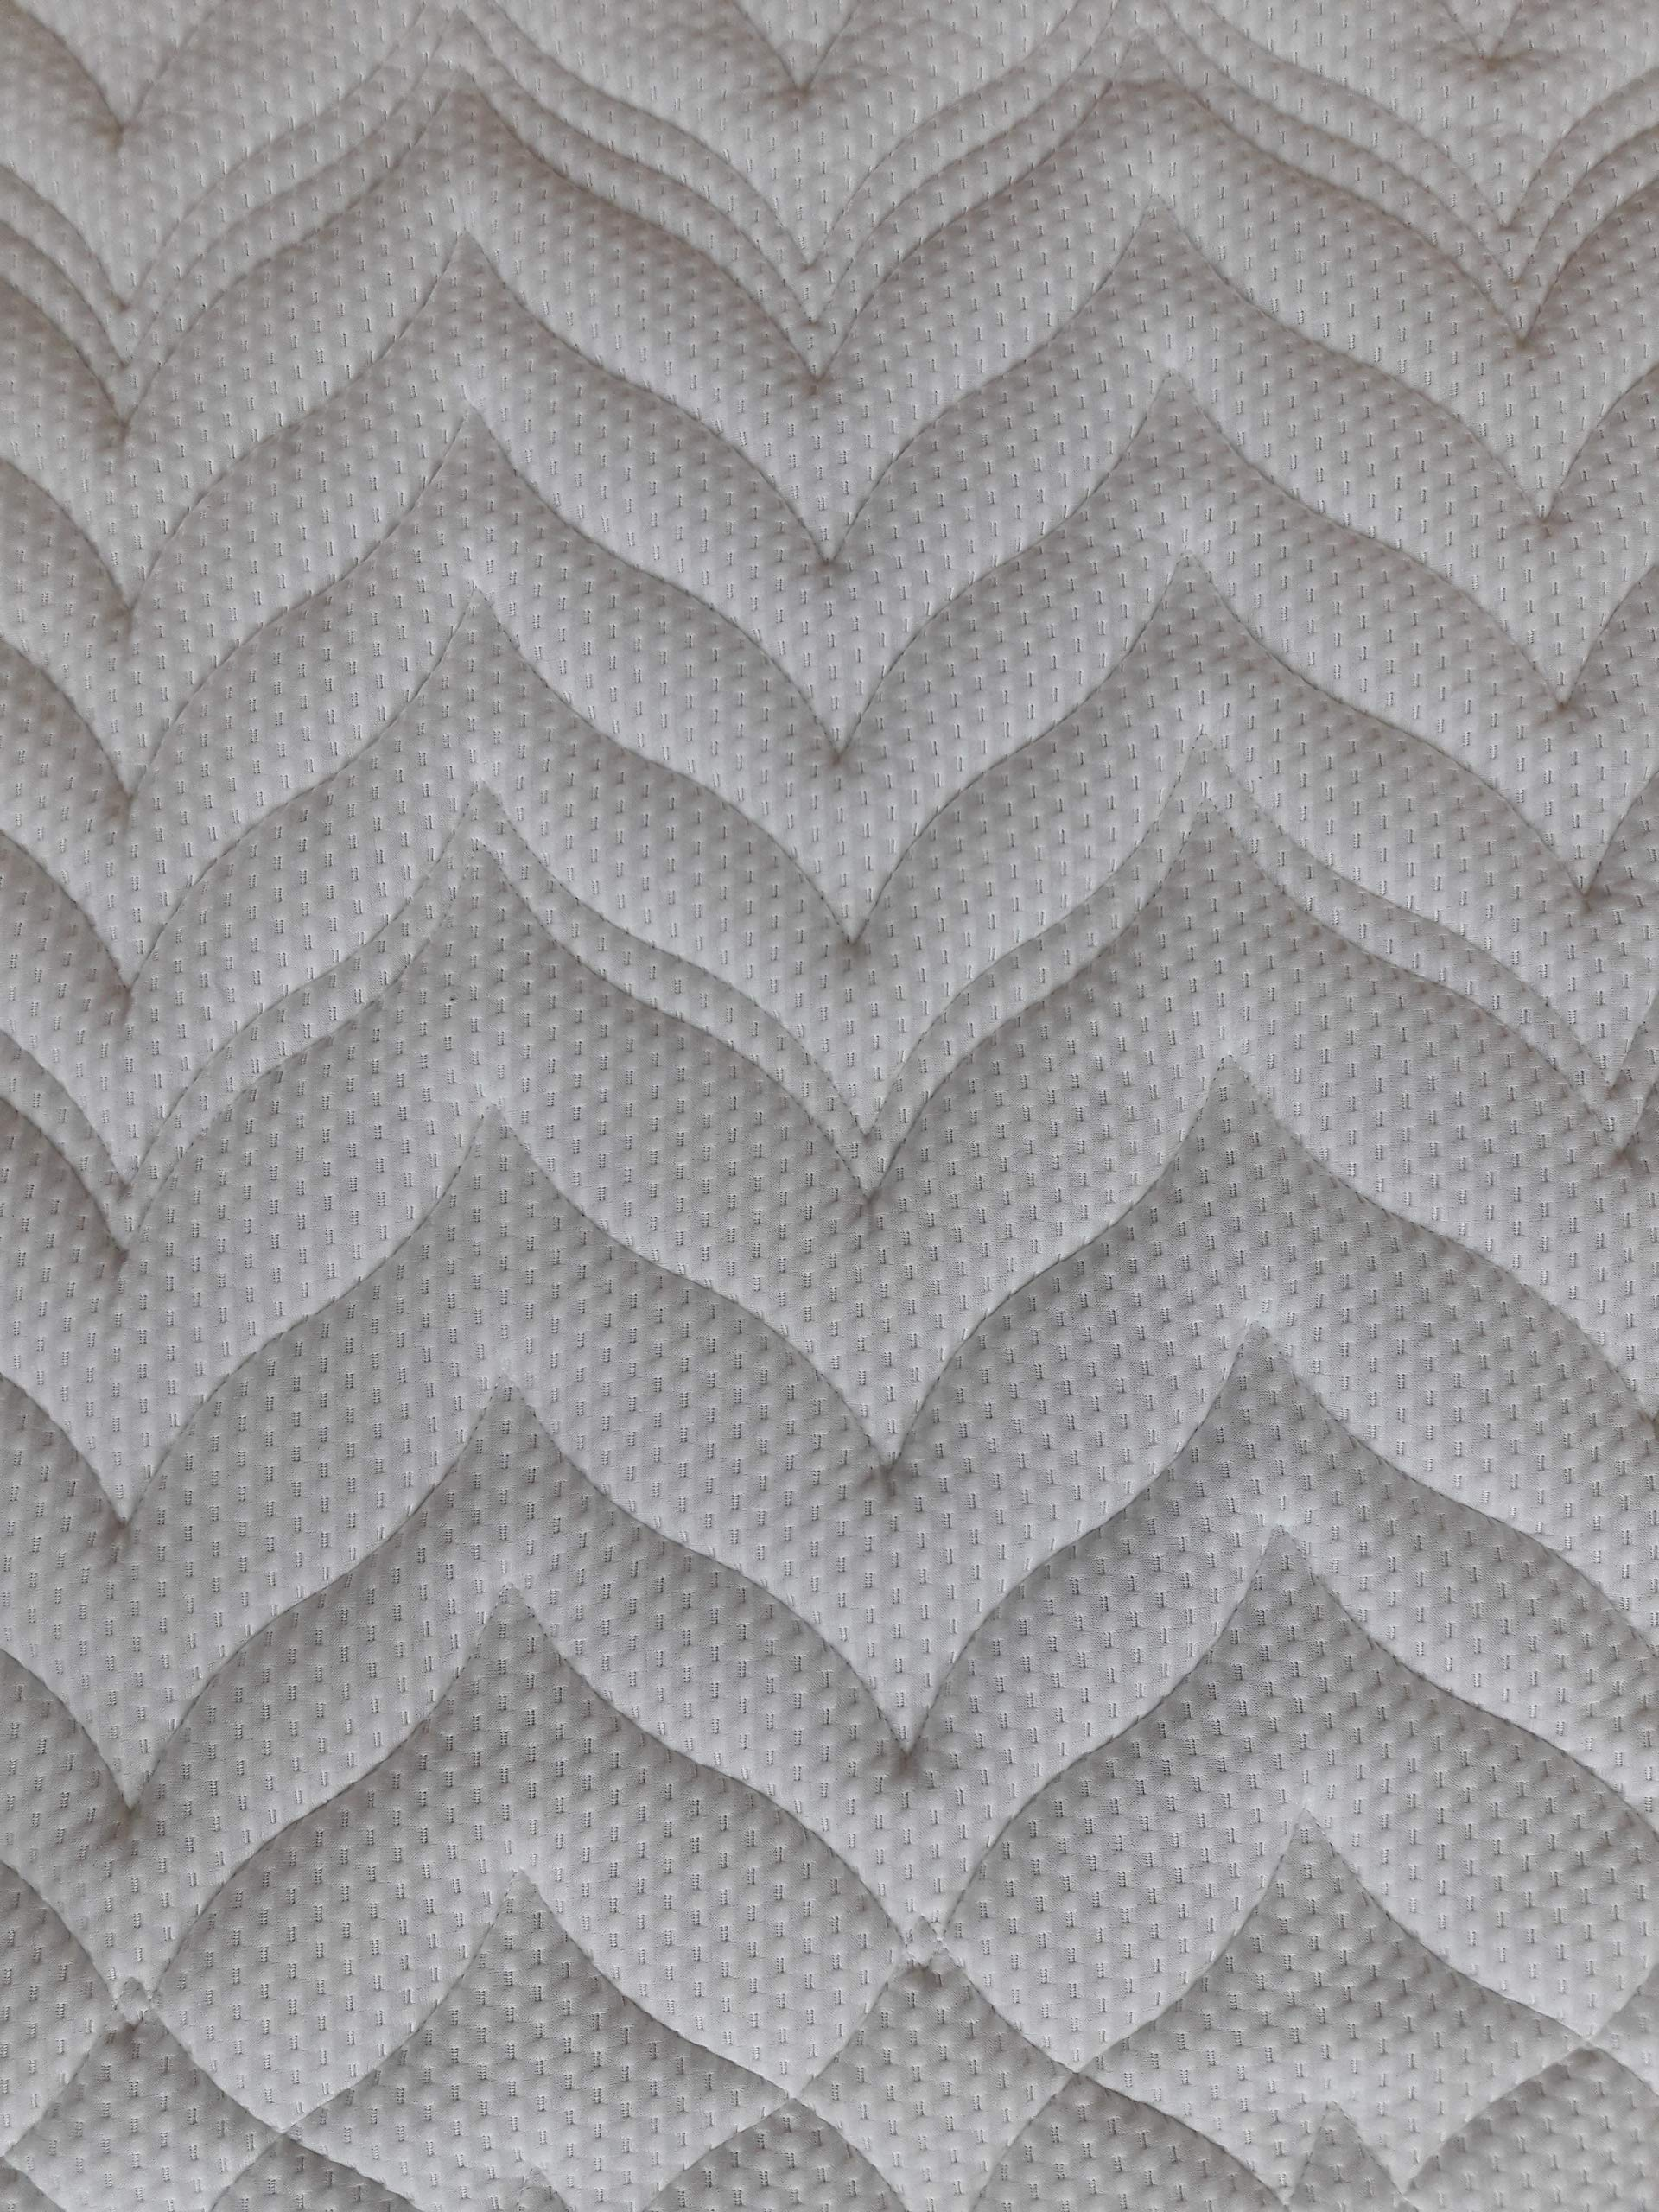 Meos® Gel-Schaum Topper 80×200 für Matratzen & Boxspringbett – Made in Germany – hohes RG 50 – Bezug bis 60°C waschbar – Matratzenauflage (80 x 200 cm)